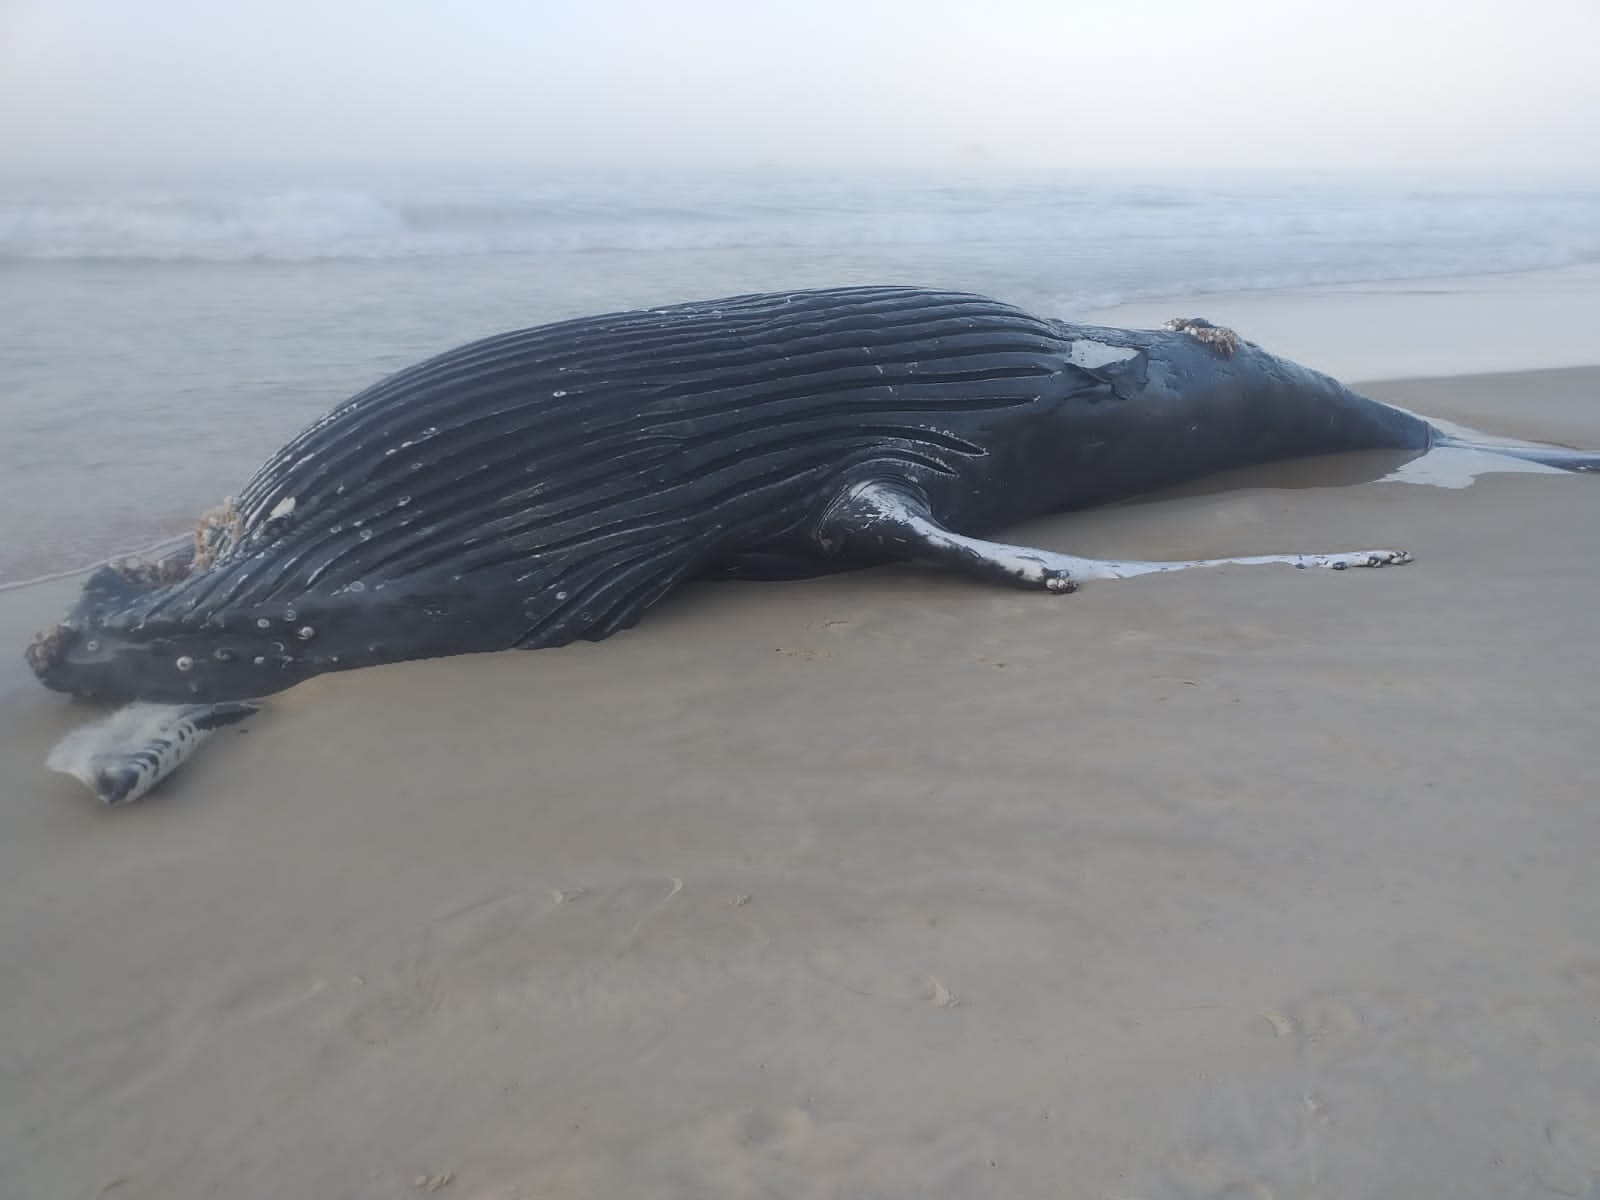 Baleia encontrada morta